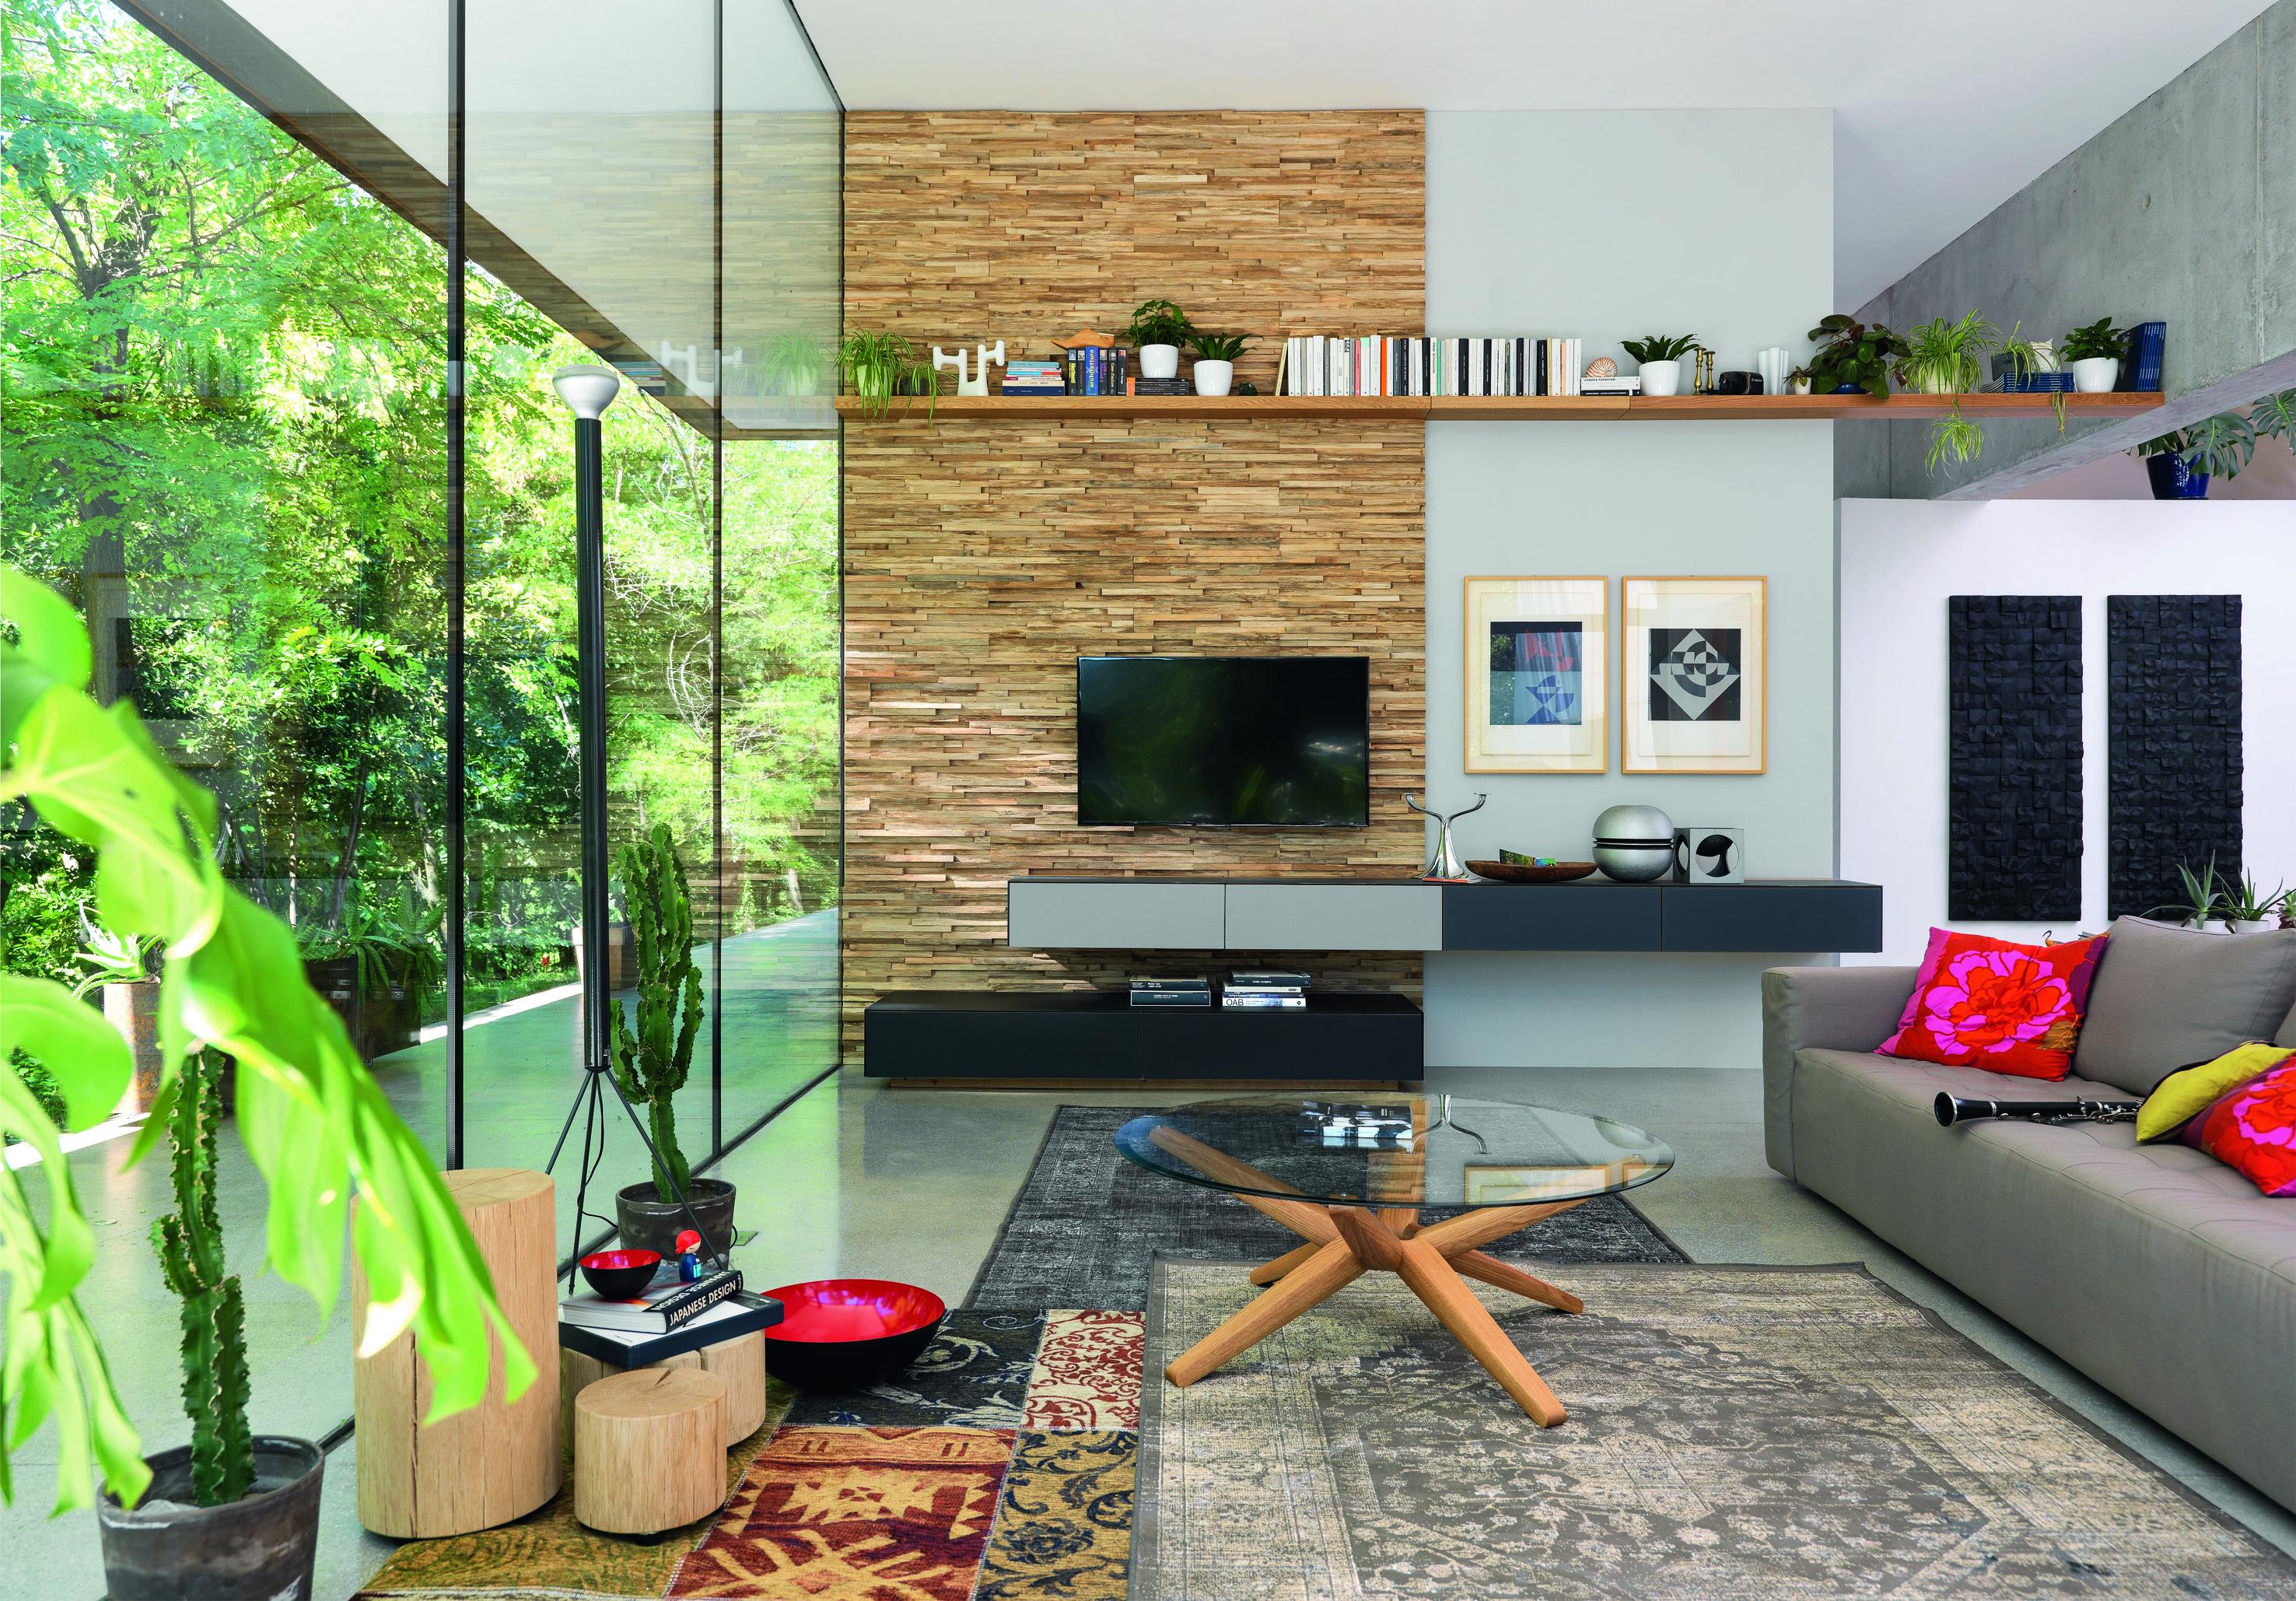 TEAM7 cubus pure Tv and in notelaar en glas + Waldkante